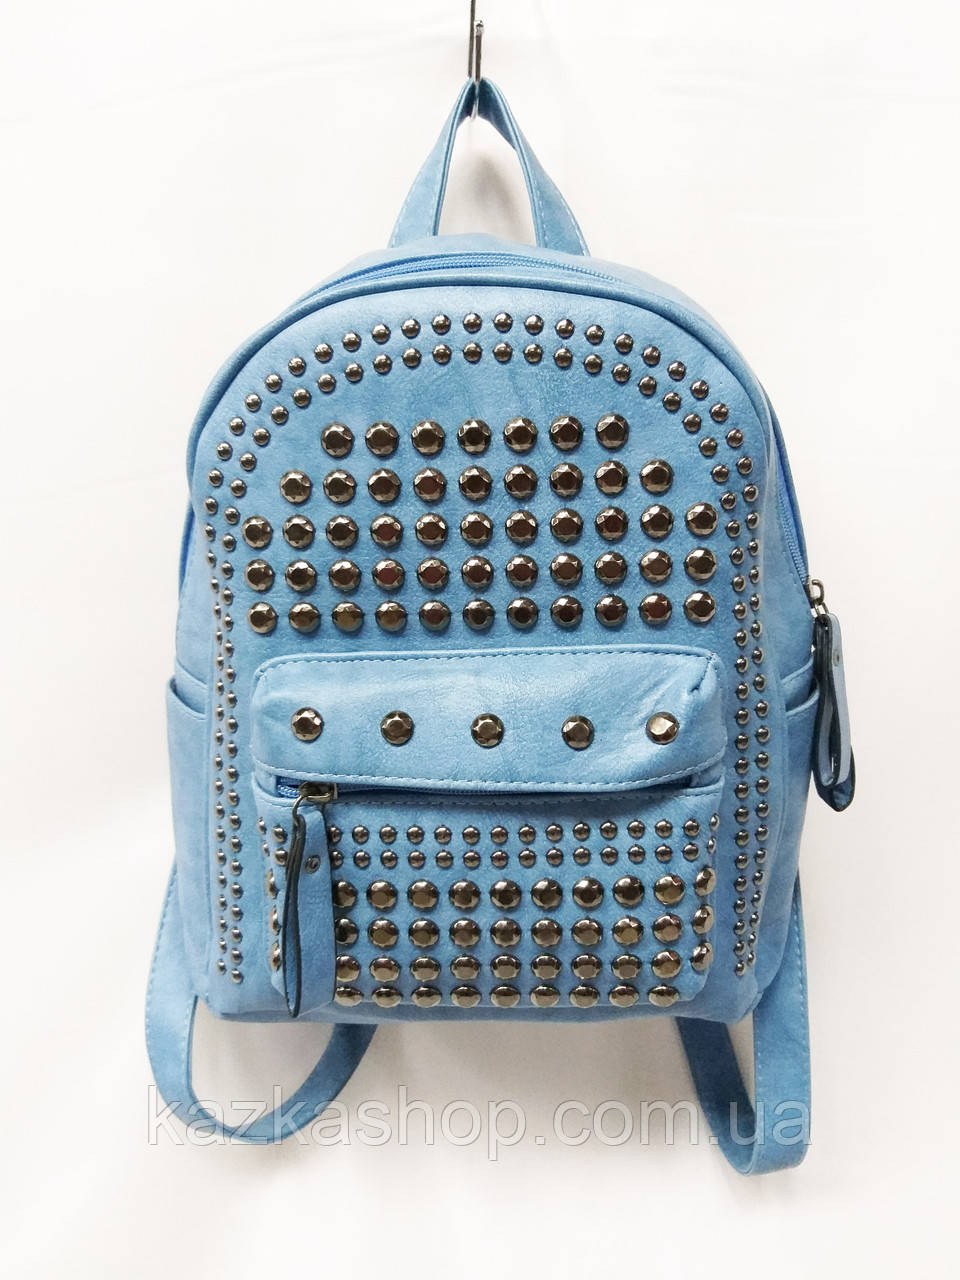 Женский рюкзак арт. 55932